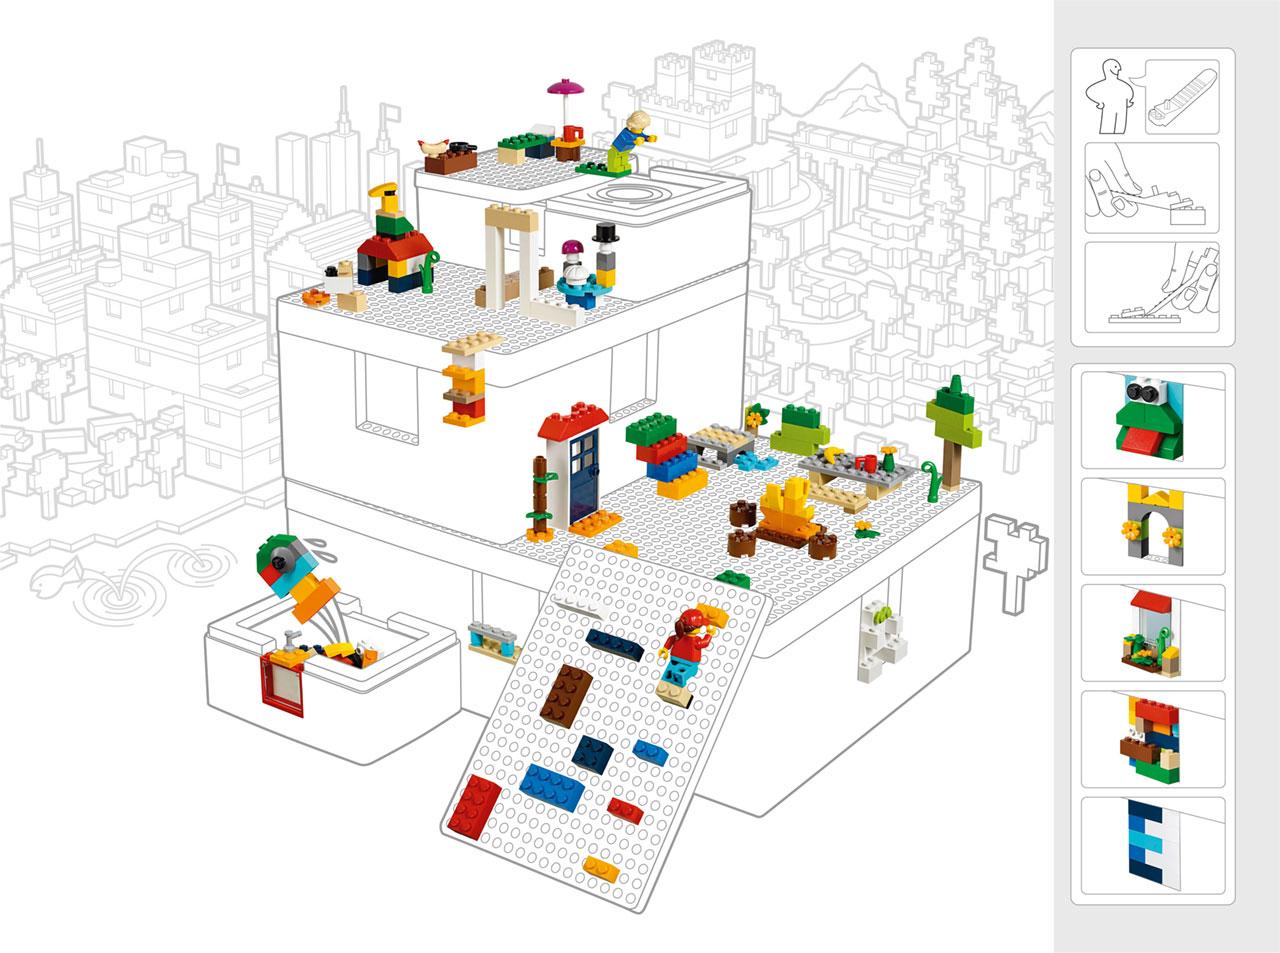 bygglek ikea lego 3